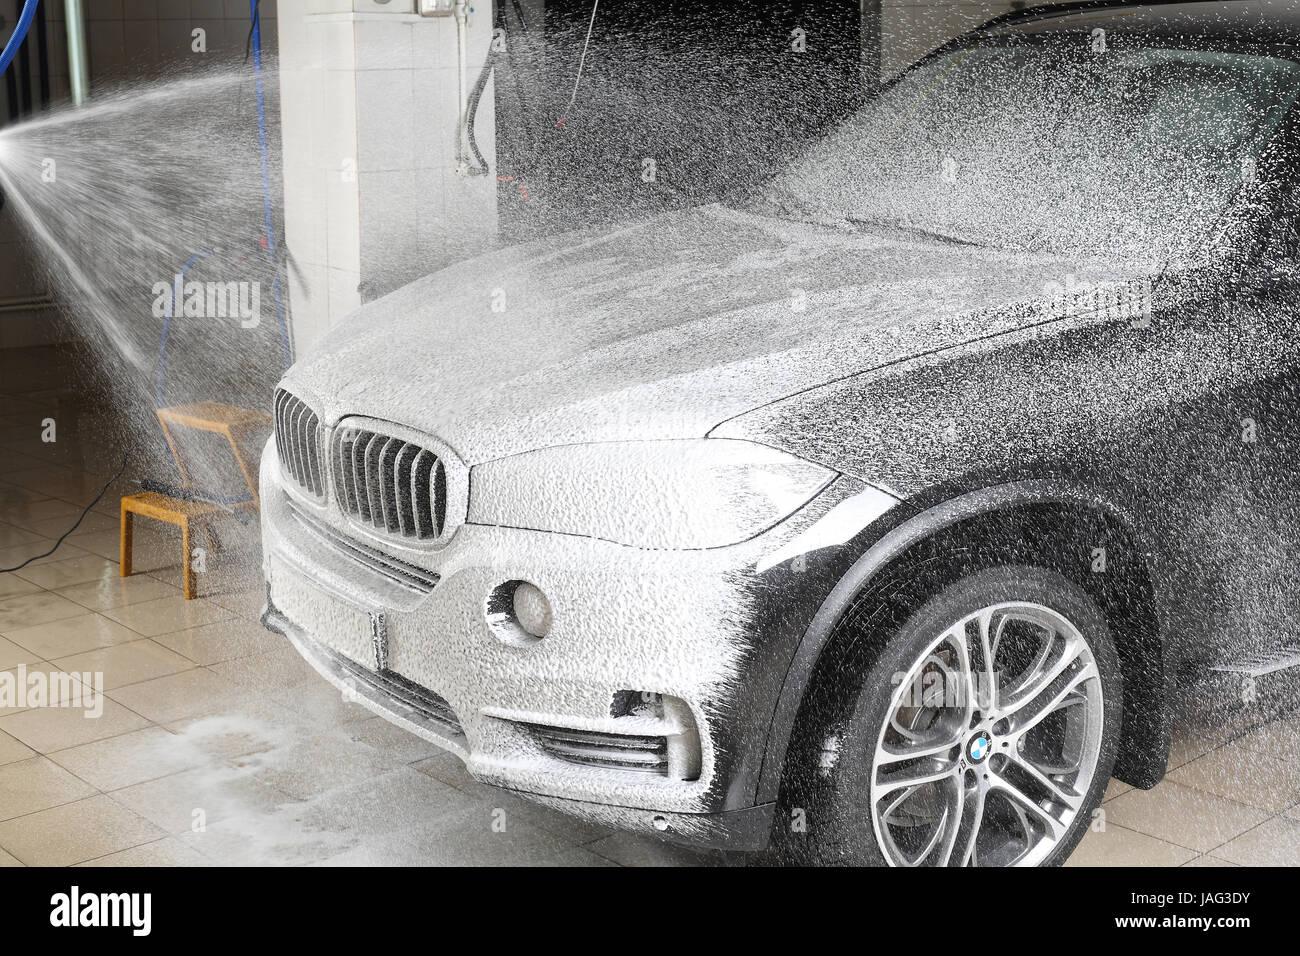 Pressure Wash Stockfotos & Pressure Wash Bilder - Alamy